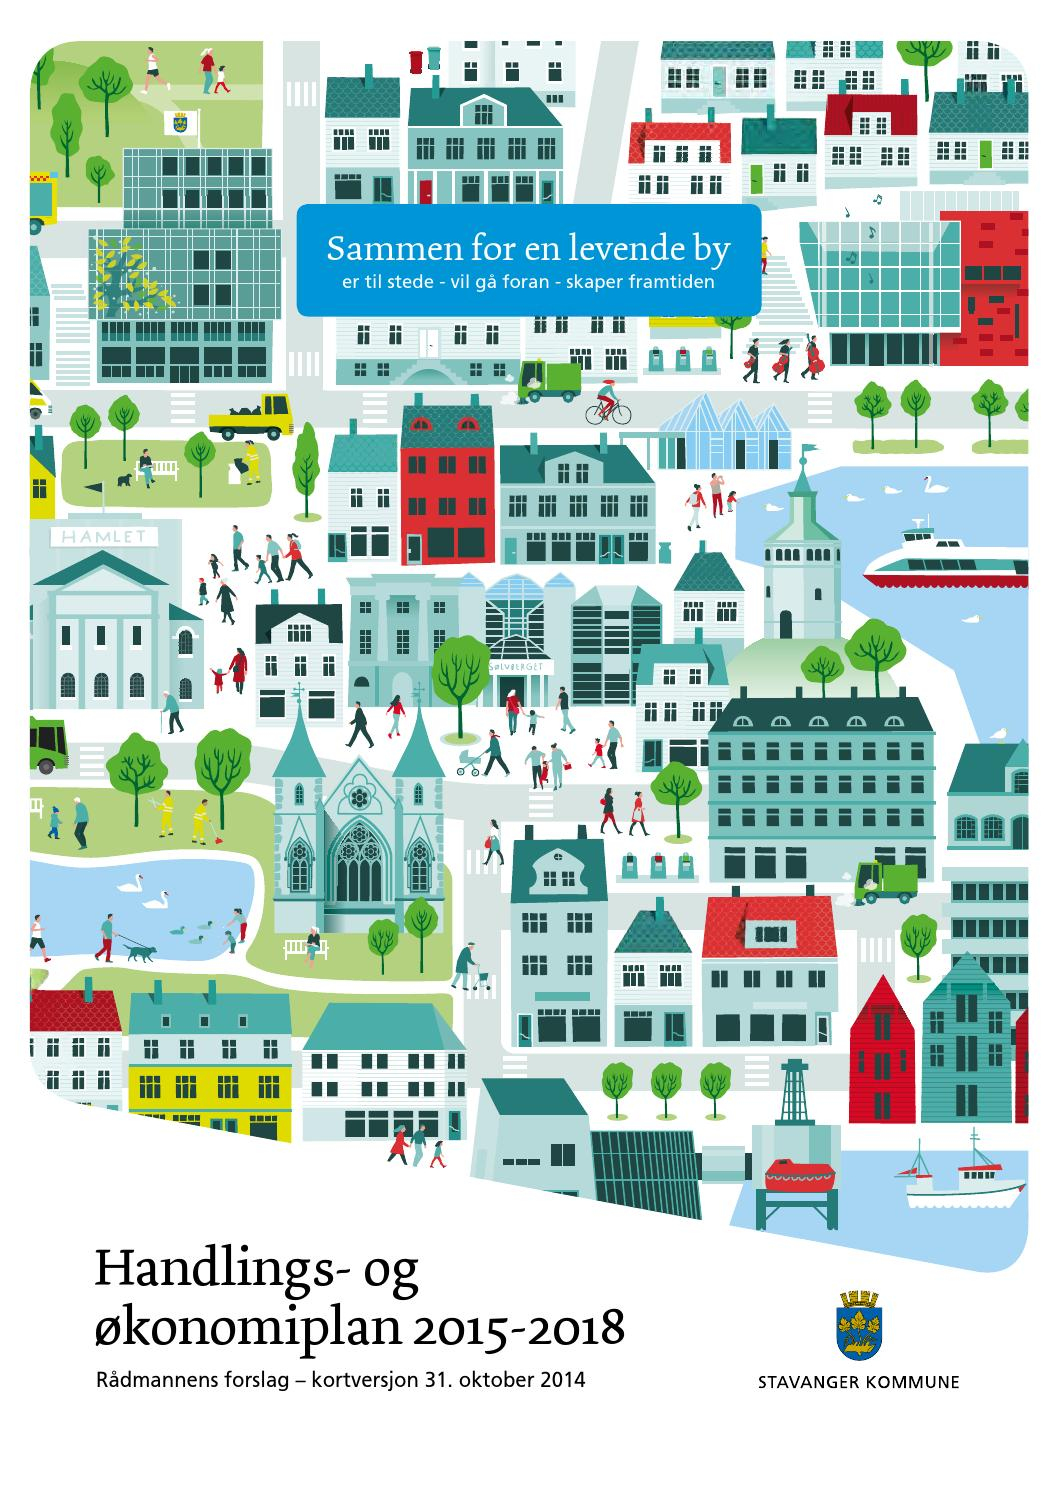 Handlings Og Okonomiplan 2015 2018 Og Budsjett 2015 By Stavanger Kommune Issuu